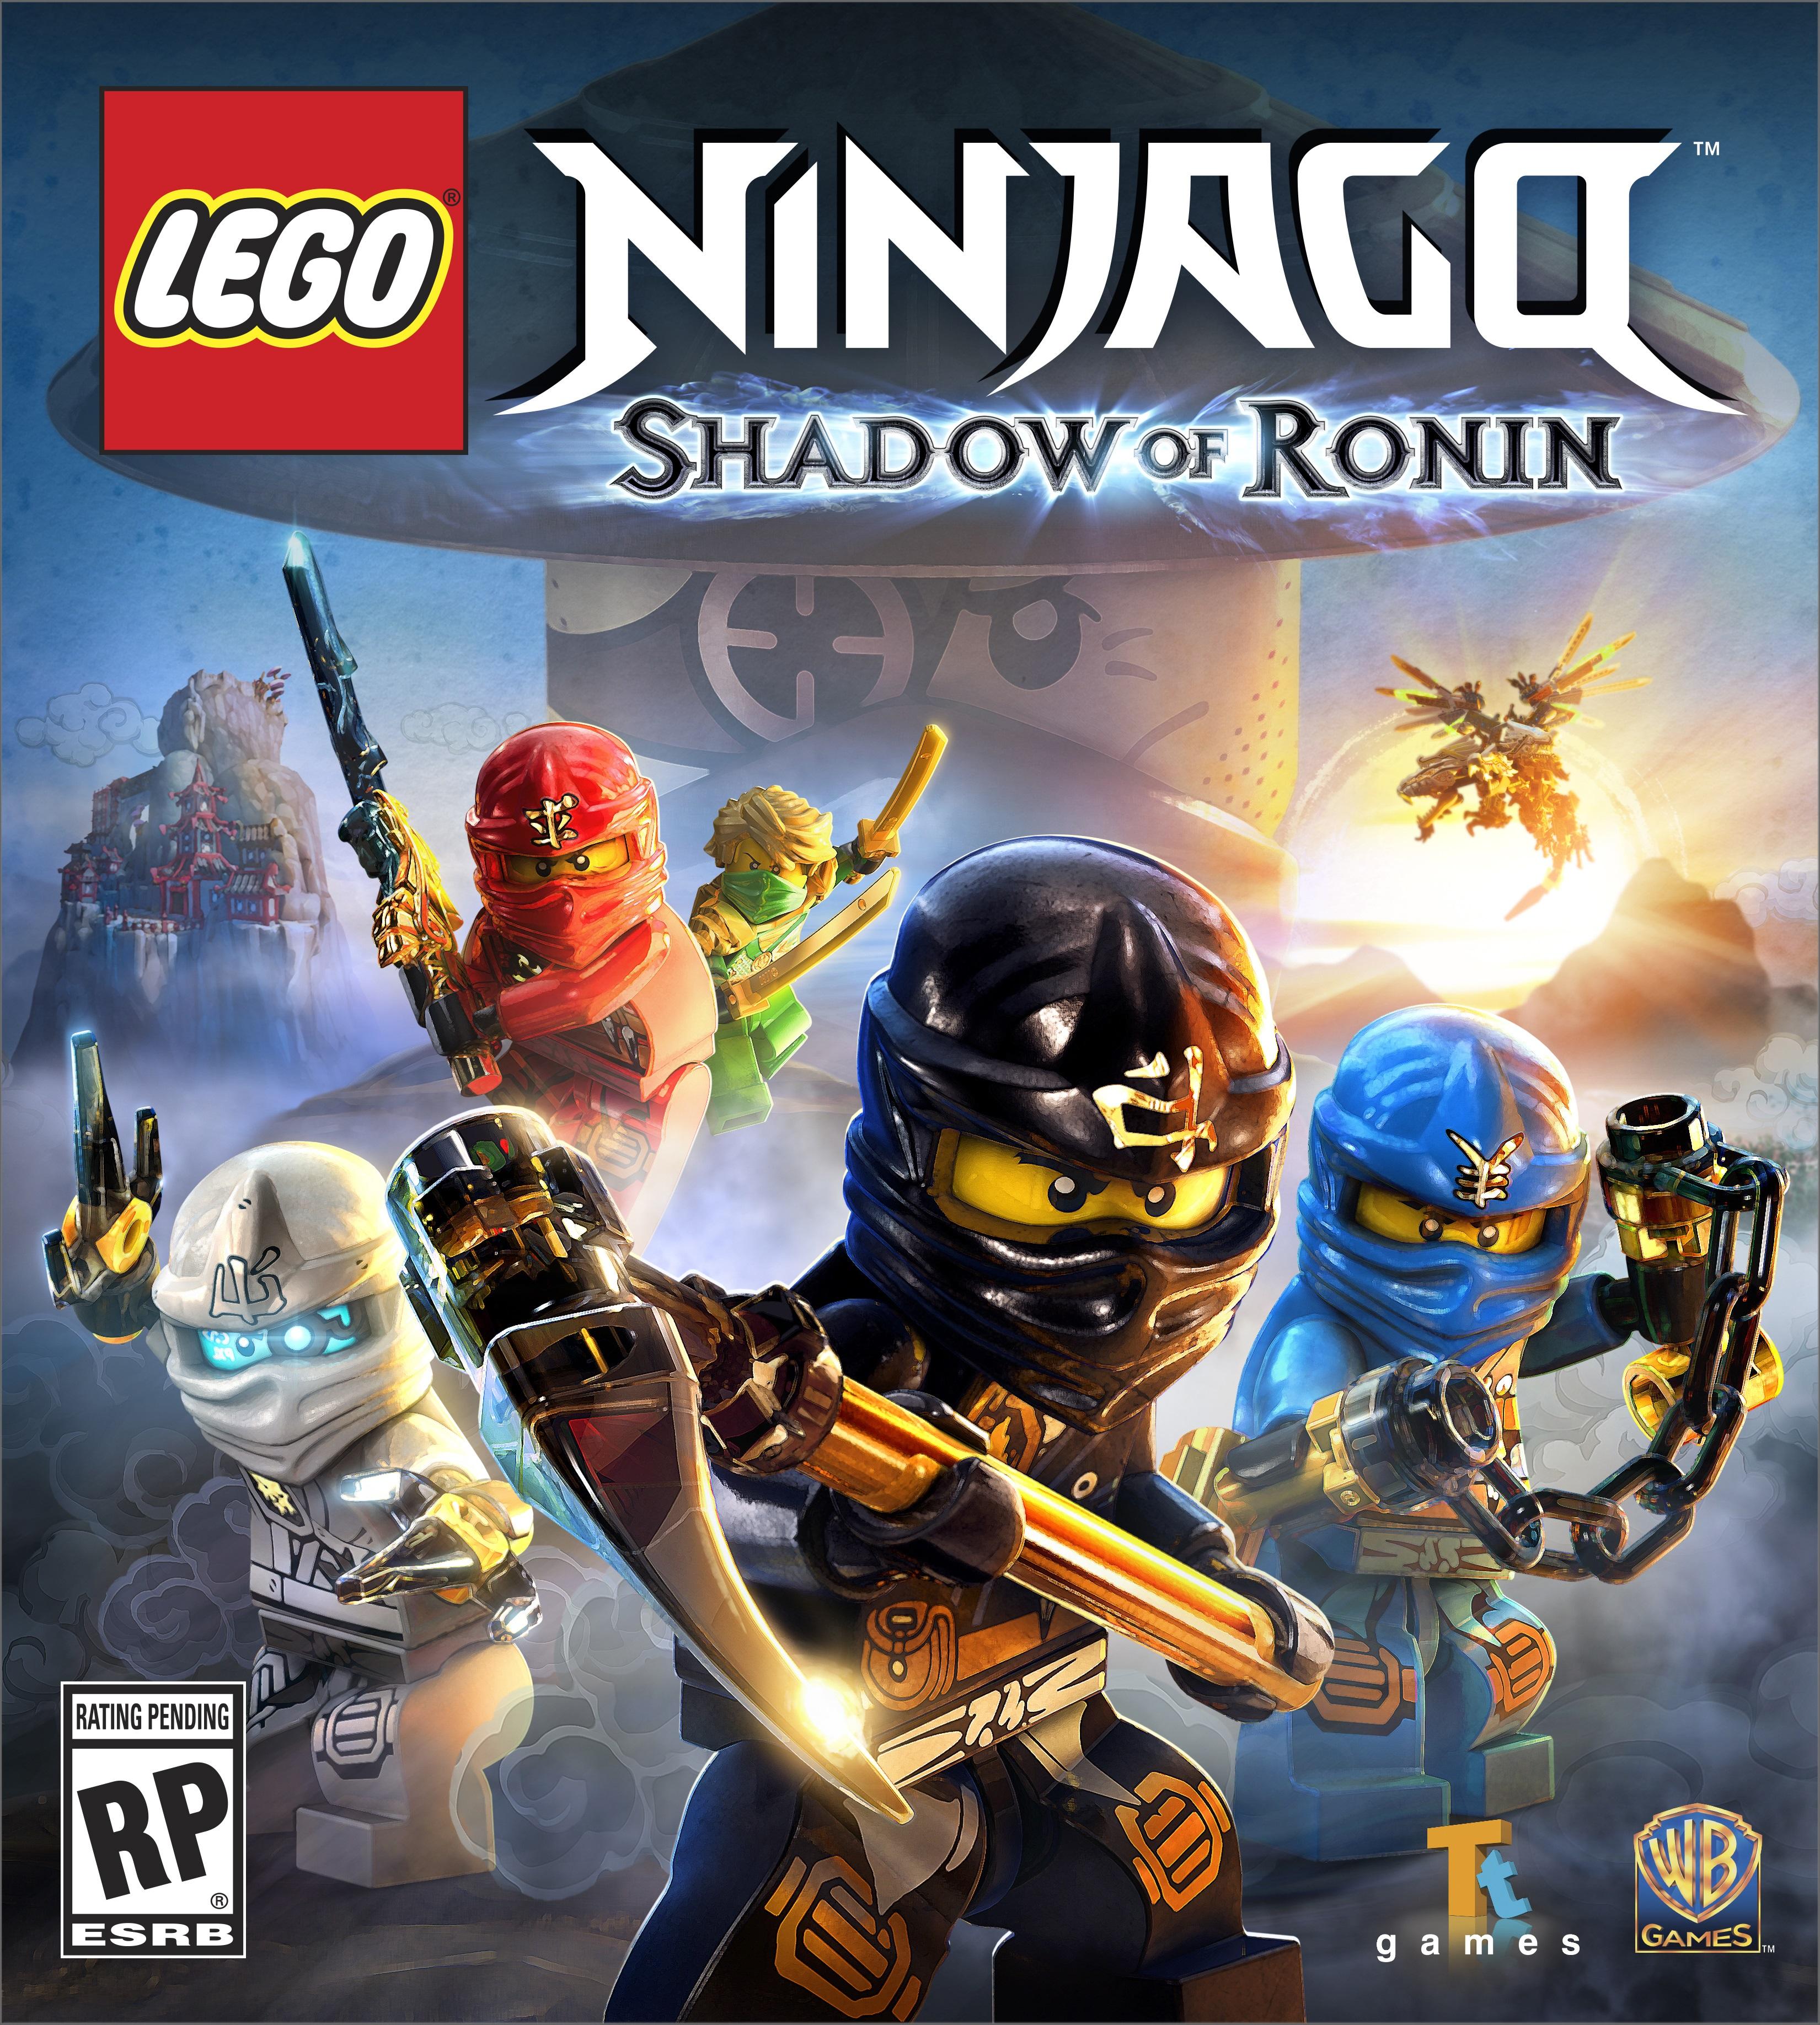 Lego ninjago l 39 ombre de ronin sur playstation vita - Jeu lego ninjago gratuit ...